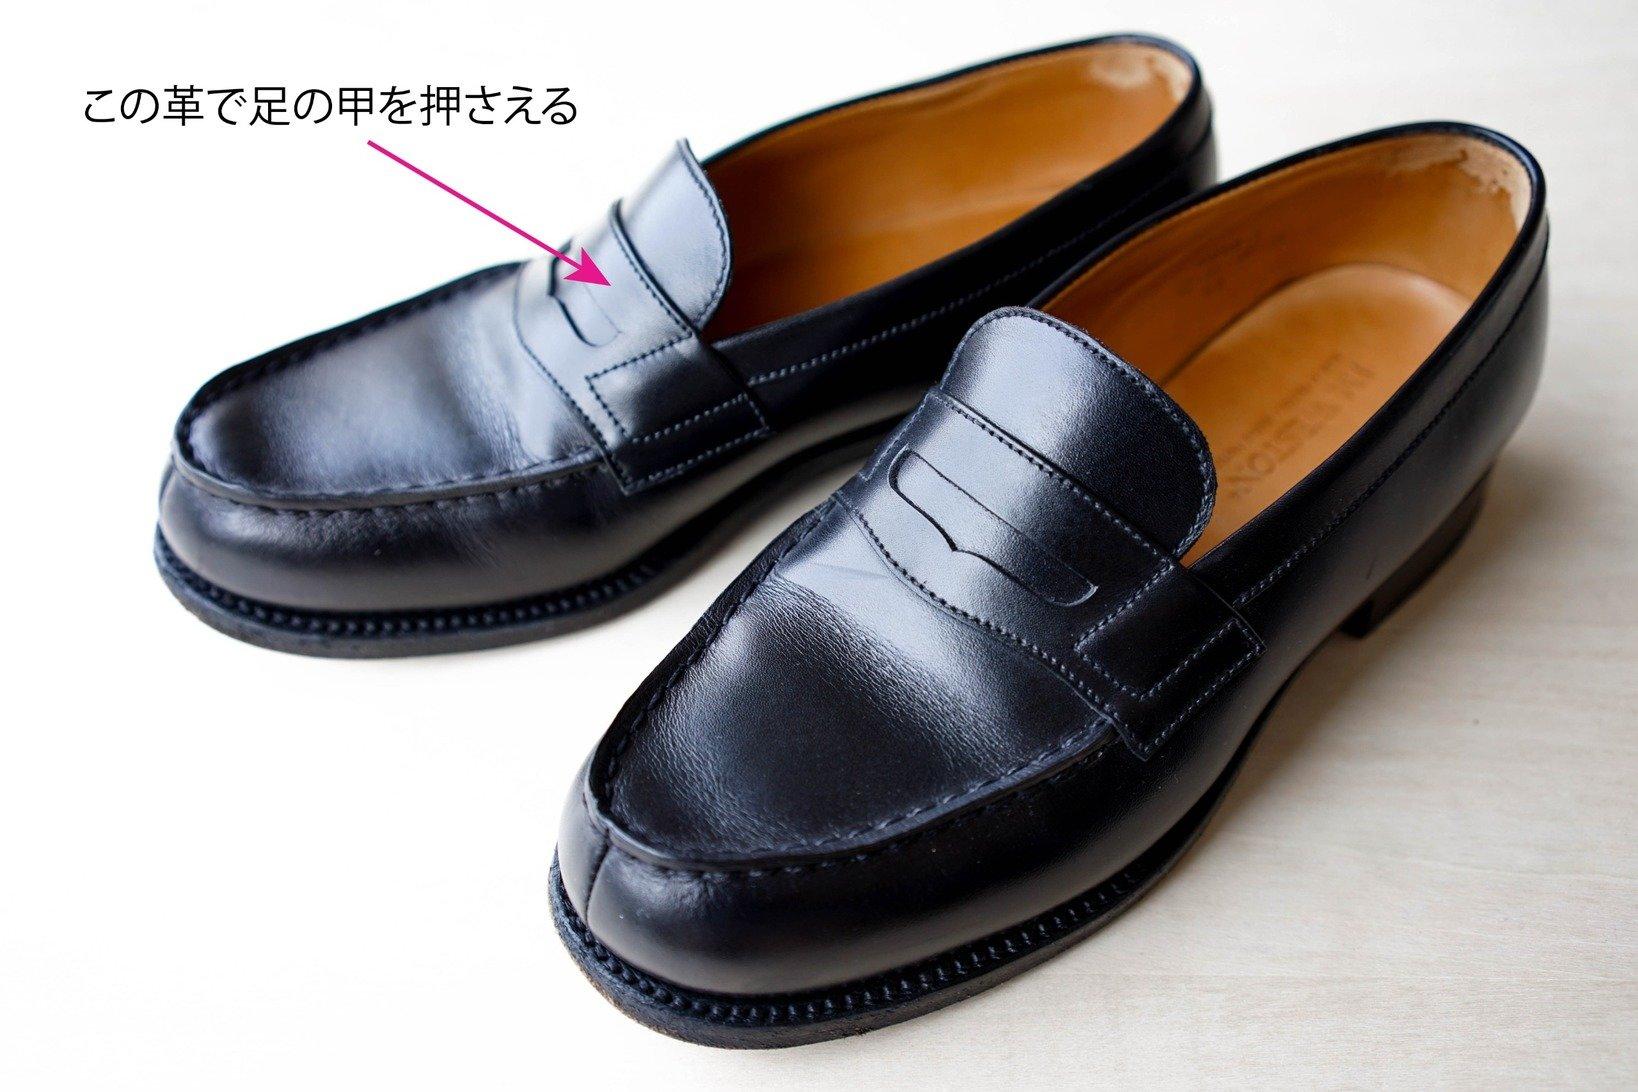 (メンズシューズ・編集部私物)